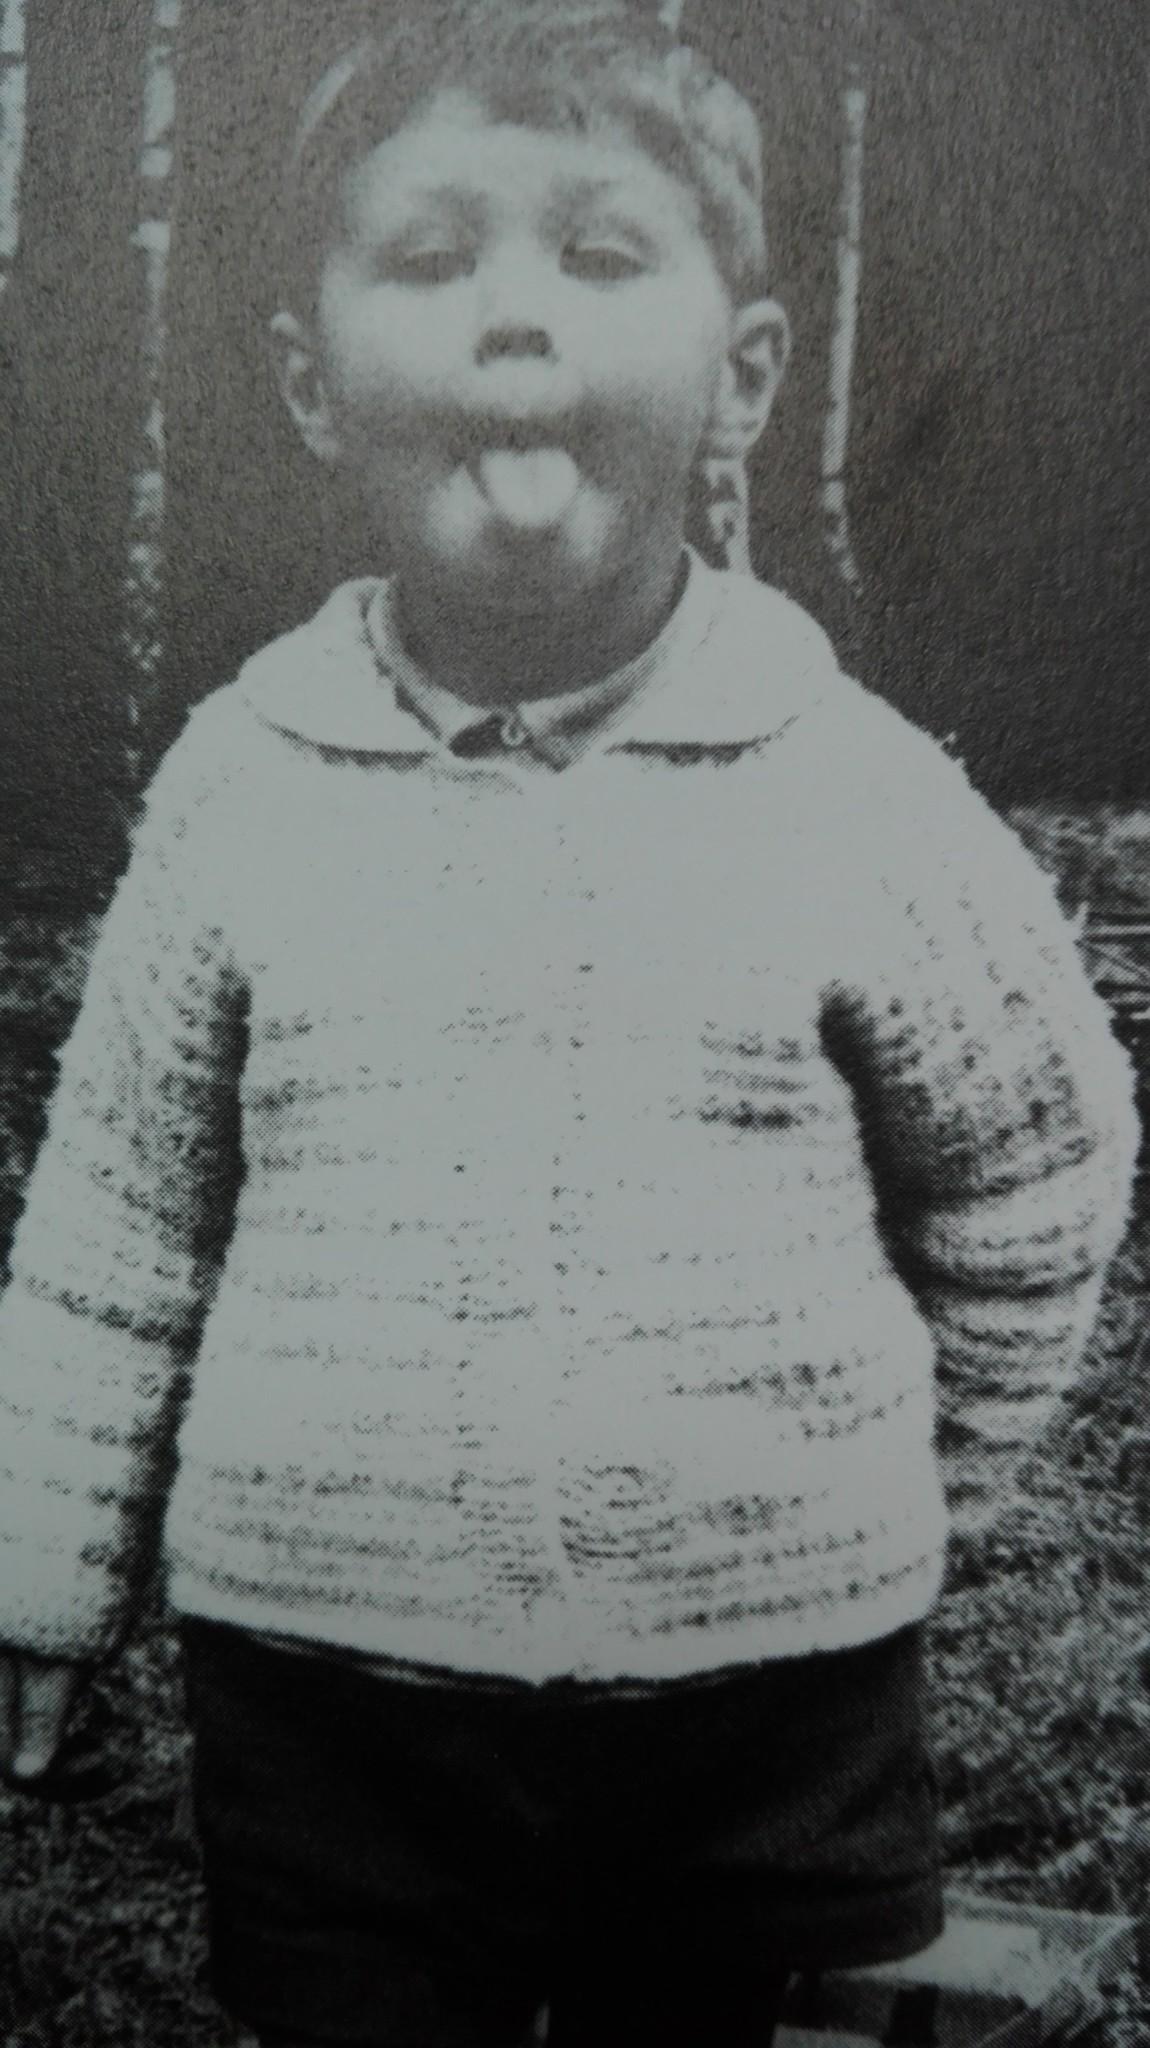 Mały Szymon Majewski